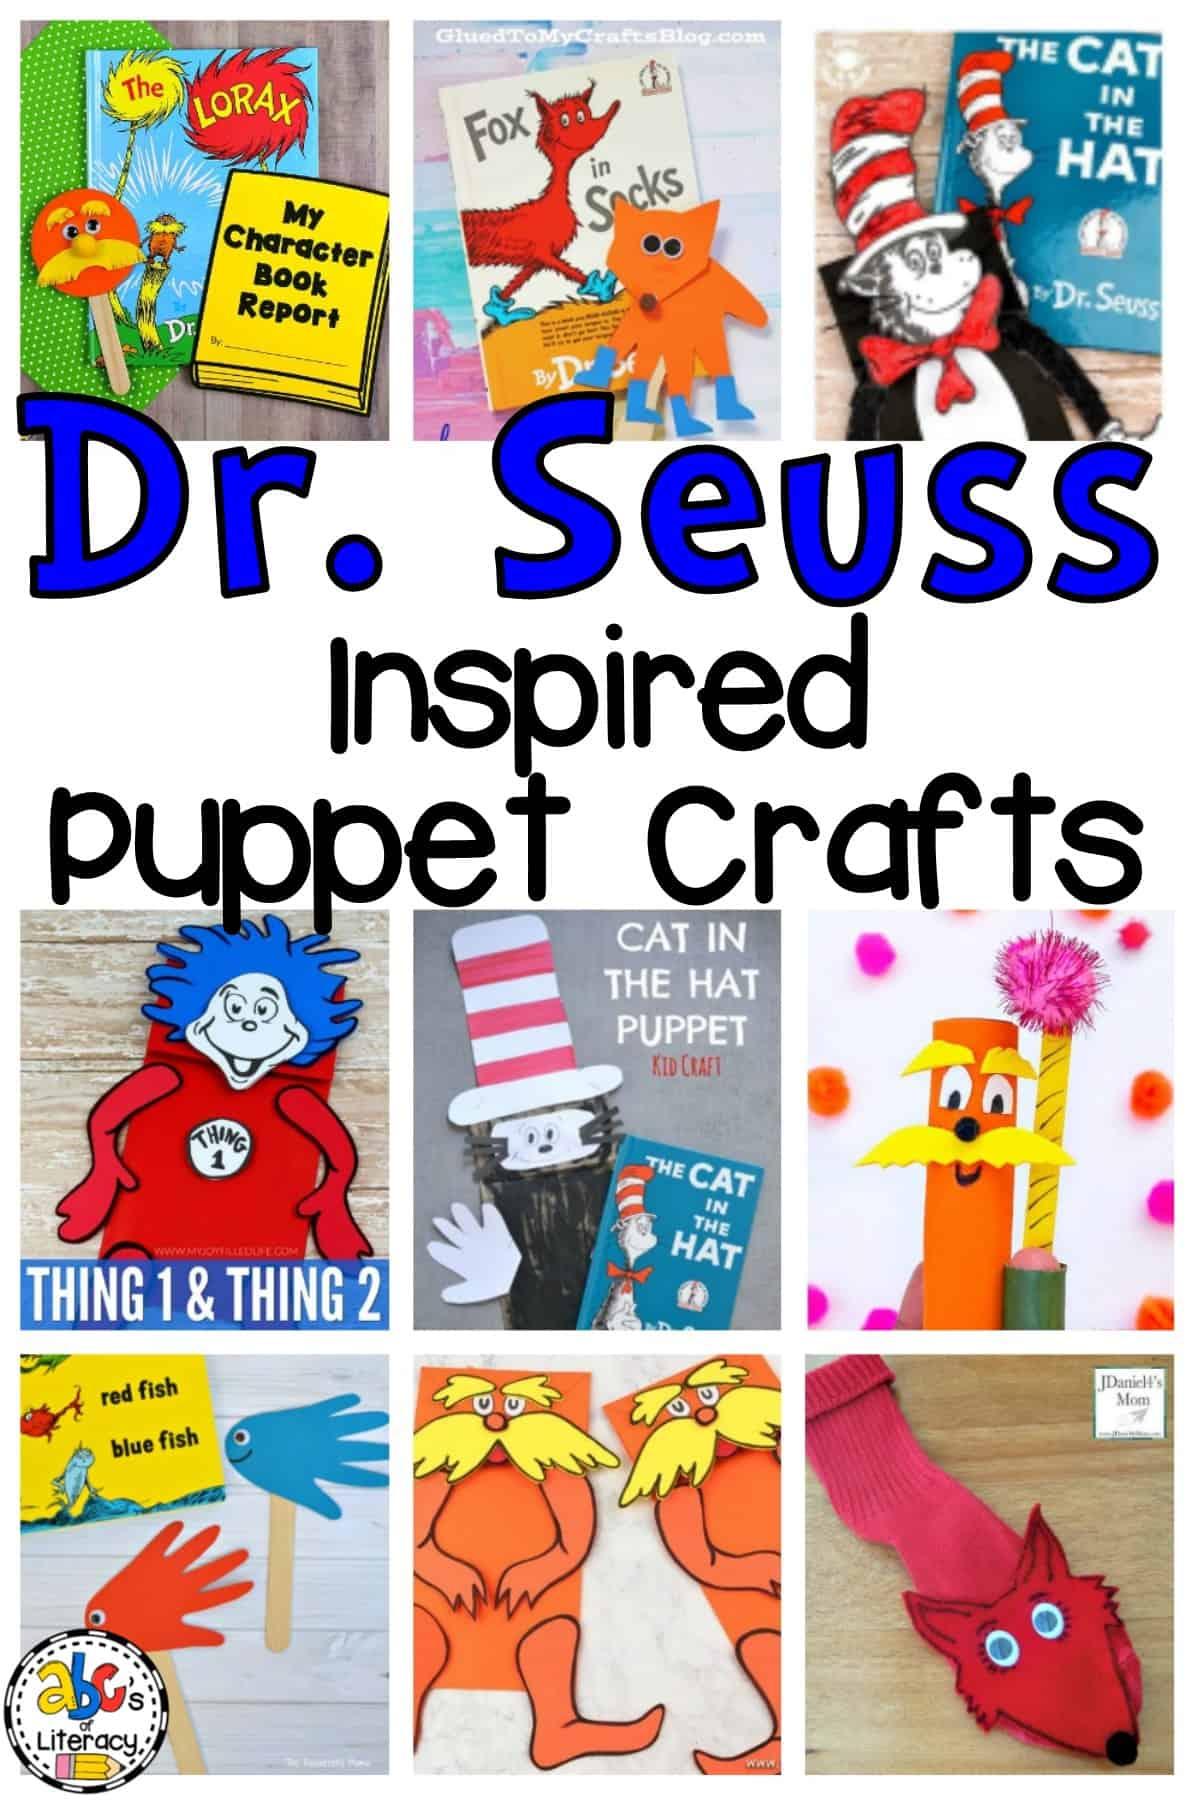 Dr. Seuss Inspired Puppet Crafts, Dr. Seuss, Dr. Seuss Crafts, Puppet Crafts, Reading Month Crafts